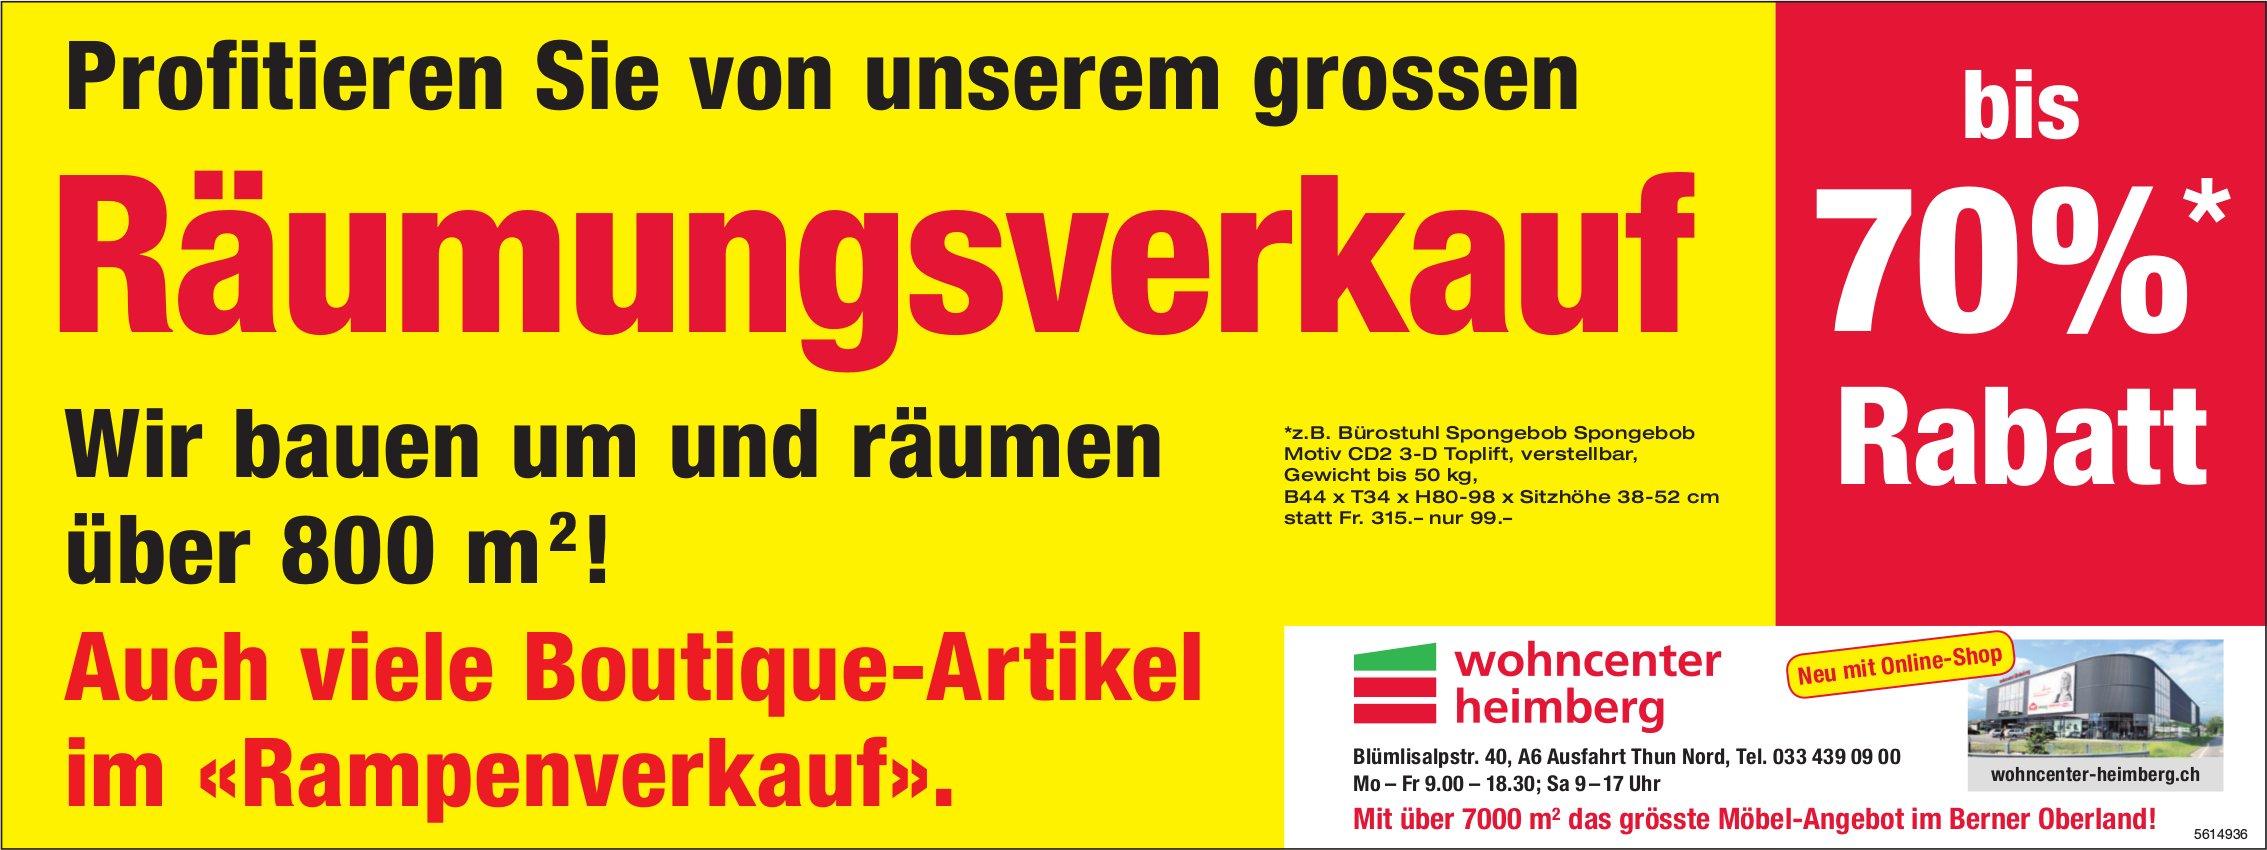 Wohncenter Heimberg - Profitieren Sie von unserem grossen Räumungsverkauf!